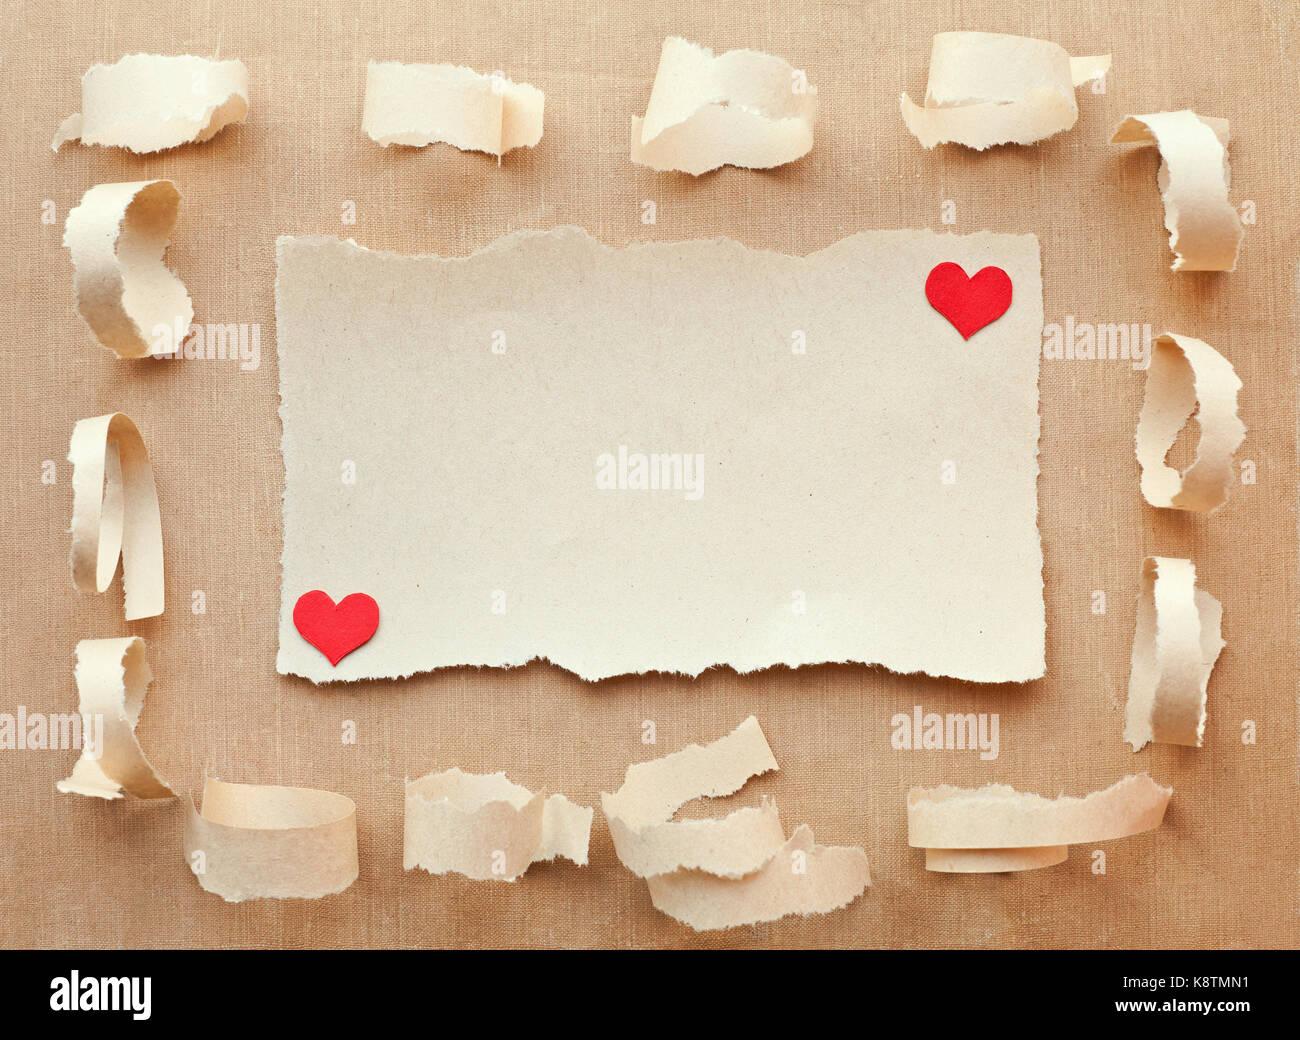 Handgefertigte Karte Aus Papier. Schreiben Liebe. Valentinstag Stockbild